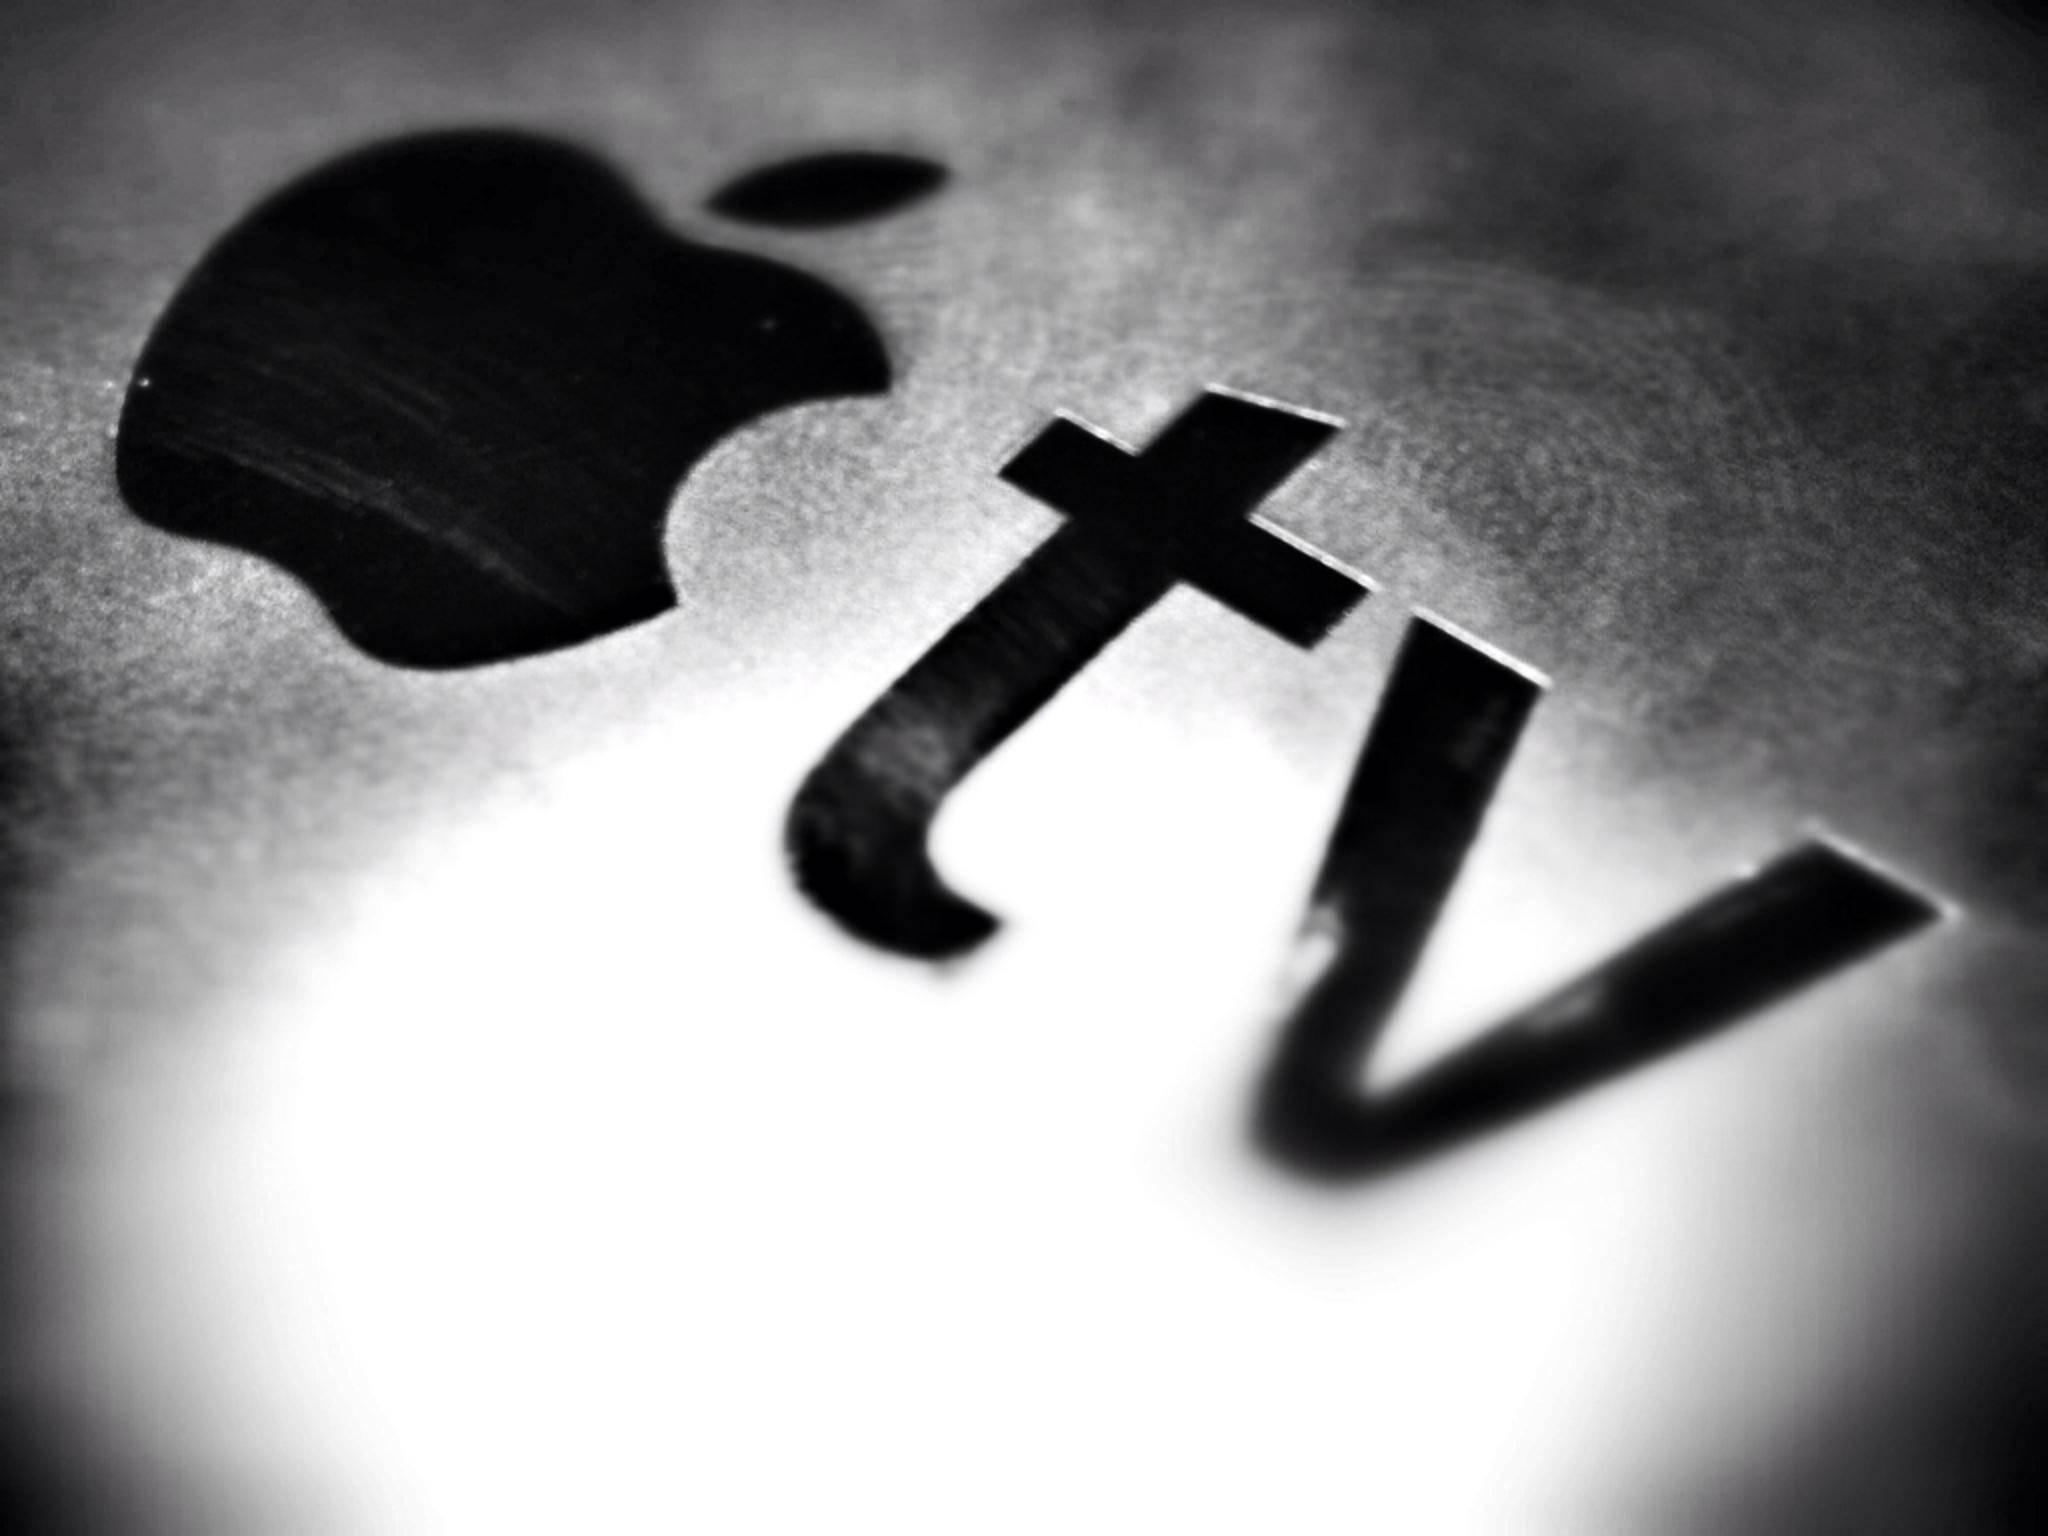 Kommt nach Apple Music auch ein TV-Streaming-Dienst von Apple?